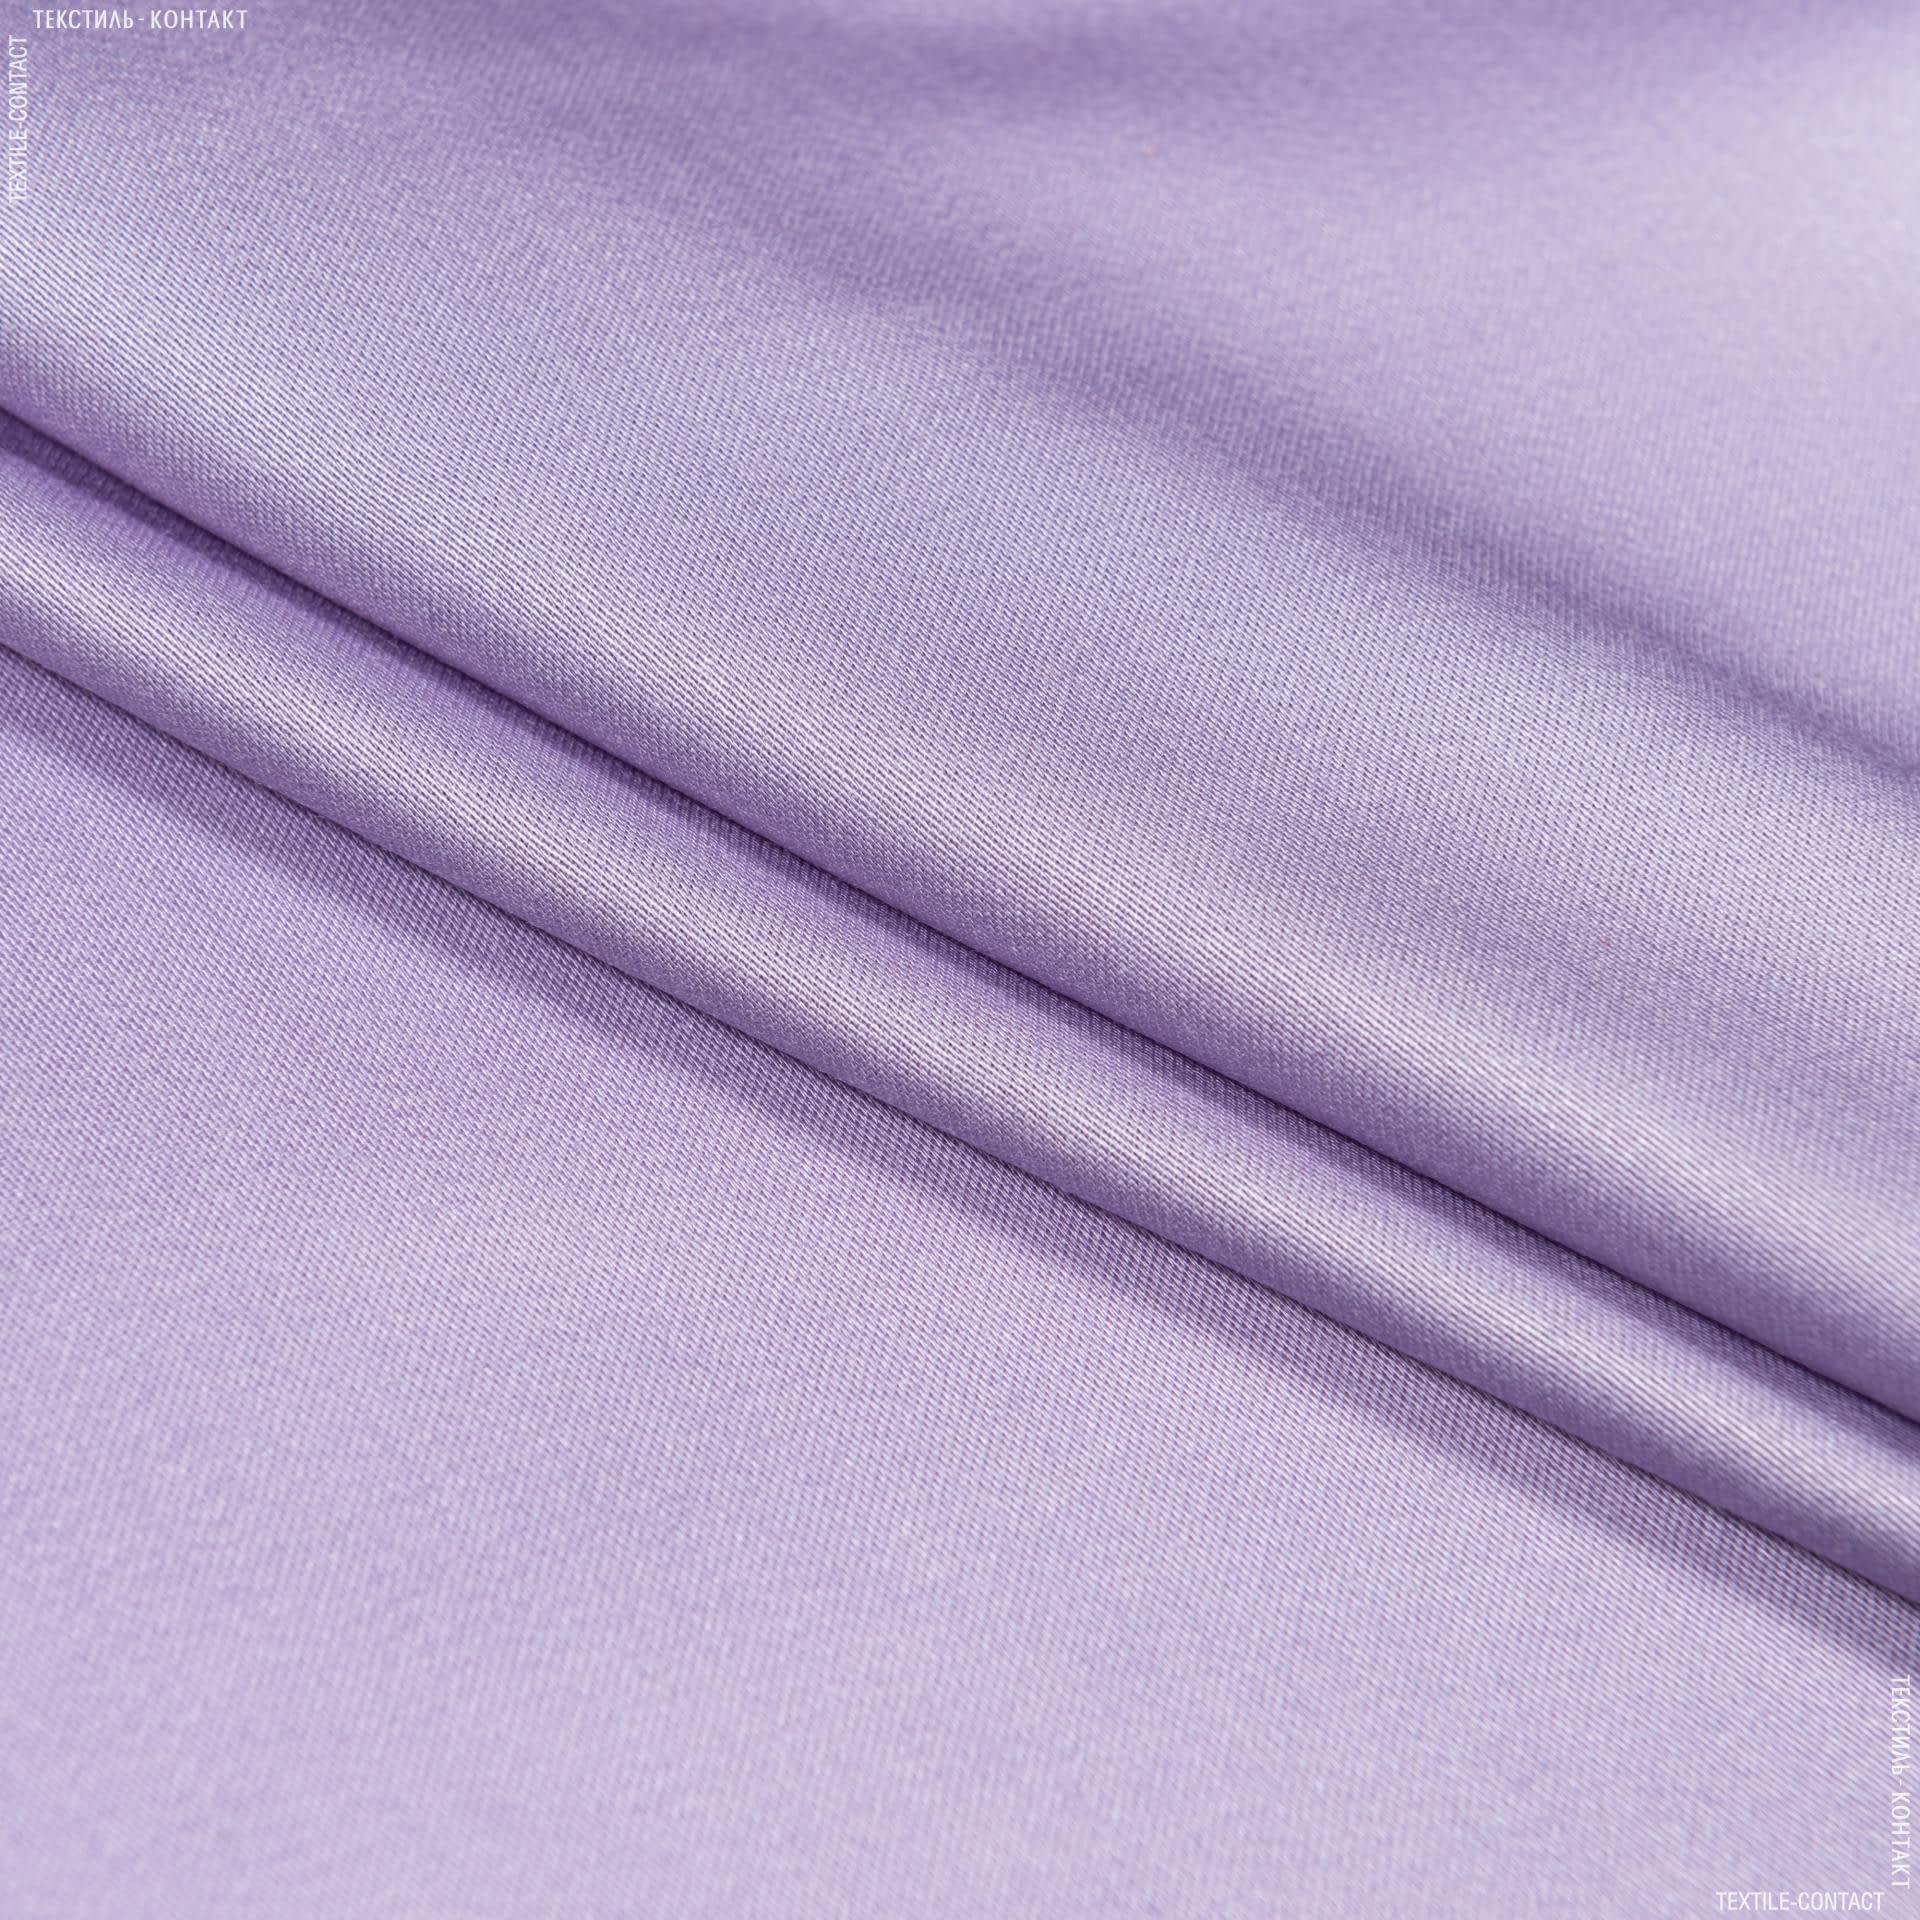 Тканини для суконь - Платтяний сатин світло-бузковий